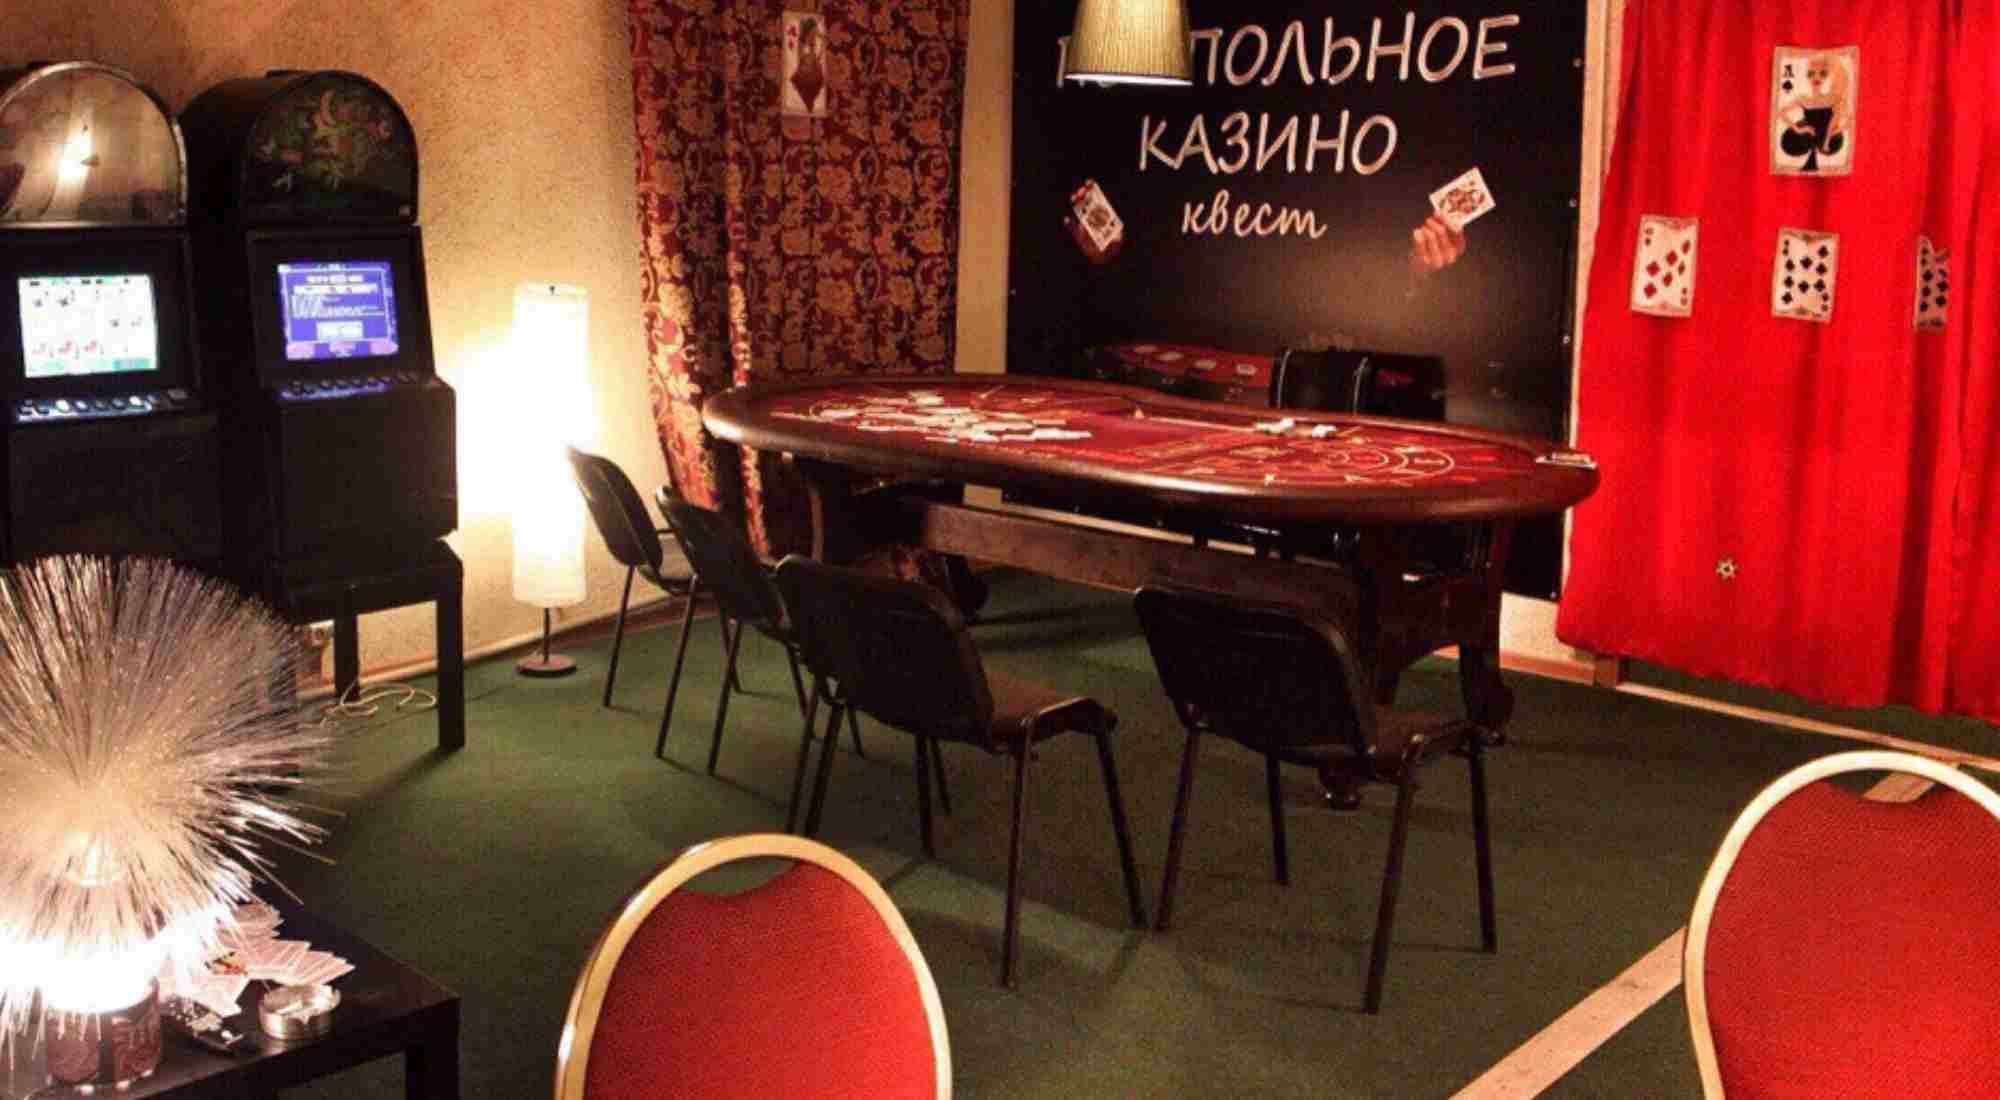 подпольное казино нижний новгород